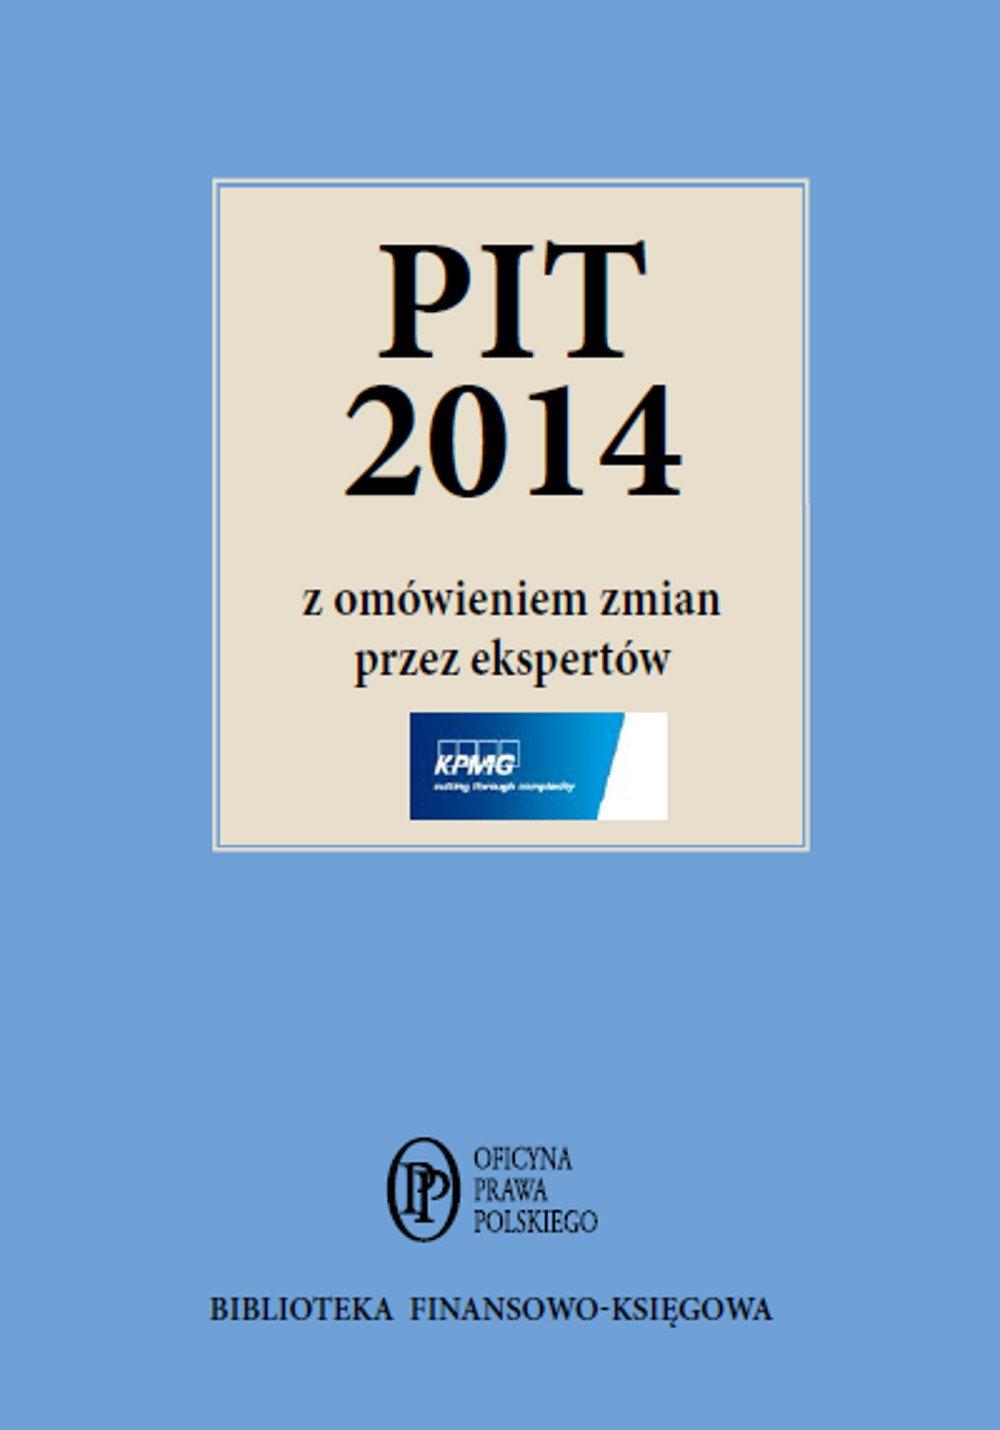 PIT 2014 z omówieniem ekspertów KPMG - Ebook (Książka PDF) do pobrania w formacie PDF